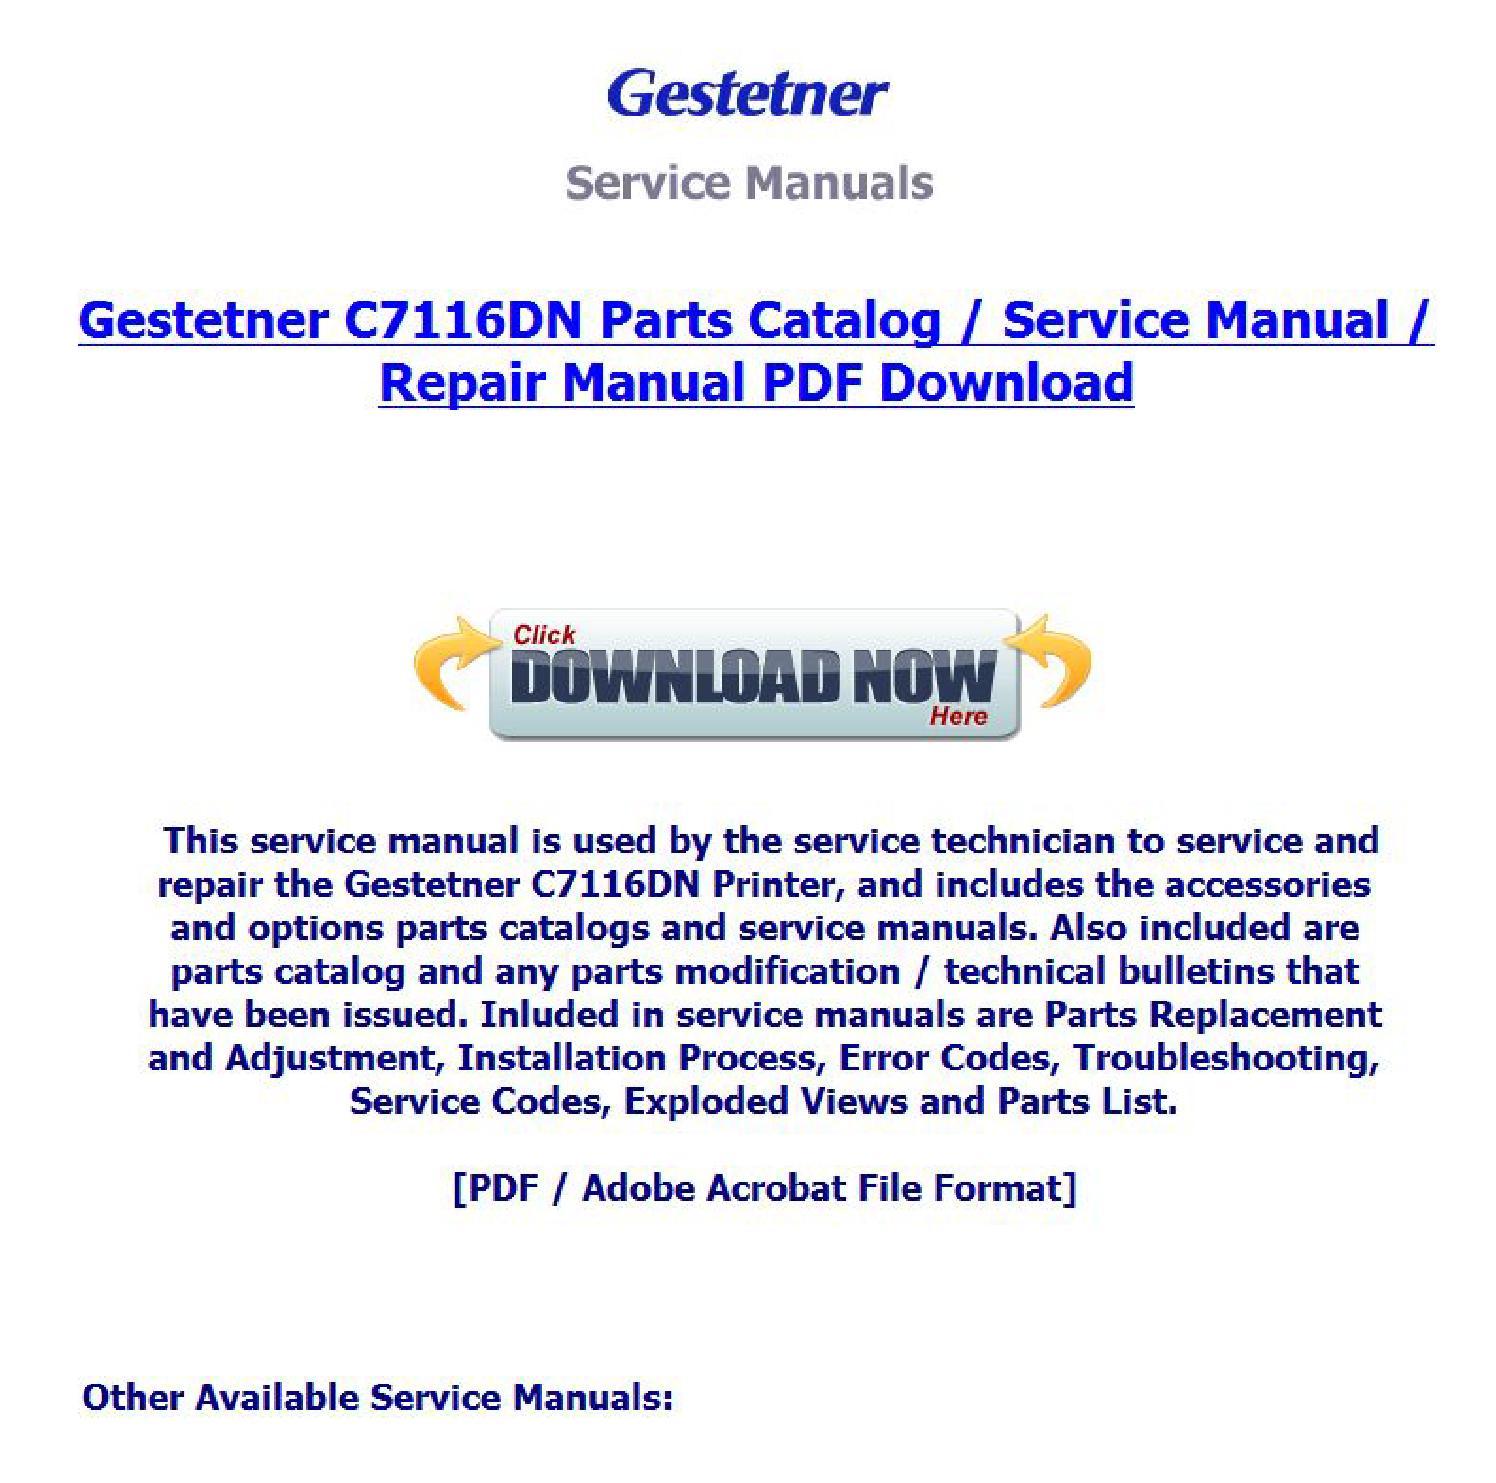 GESTETNER C7116DN WINDOWS 10 DOWNLOAD DRIVER